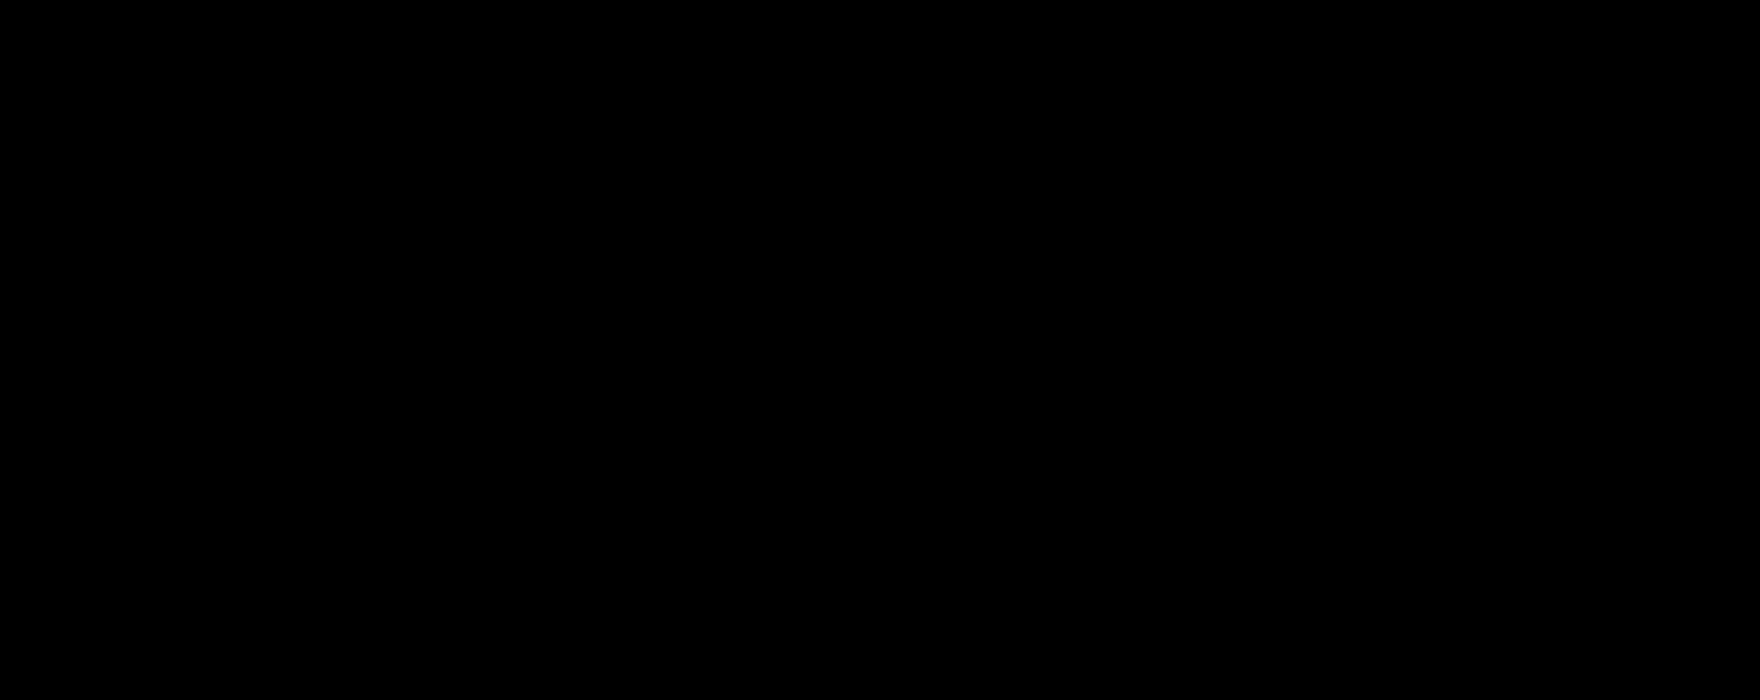 Kunnr logo